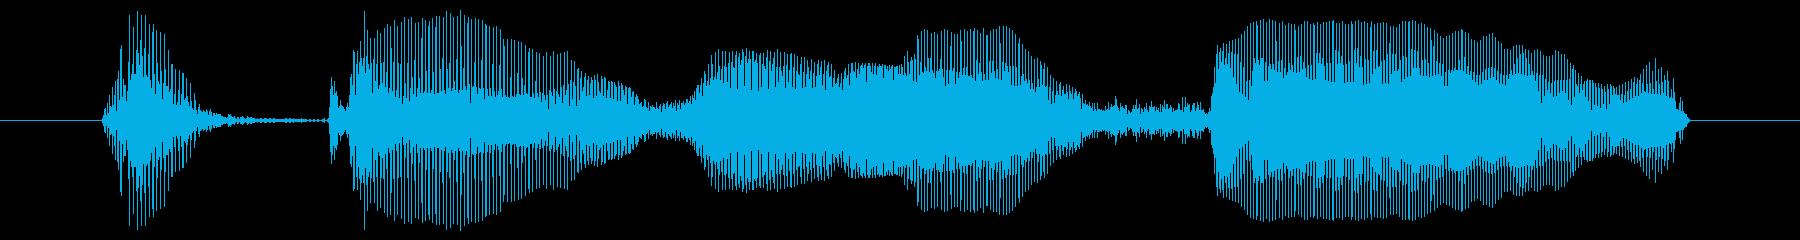 おかえりなさ~いの再生済みの波形